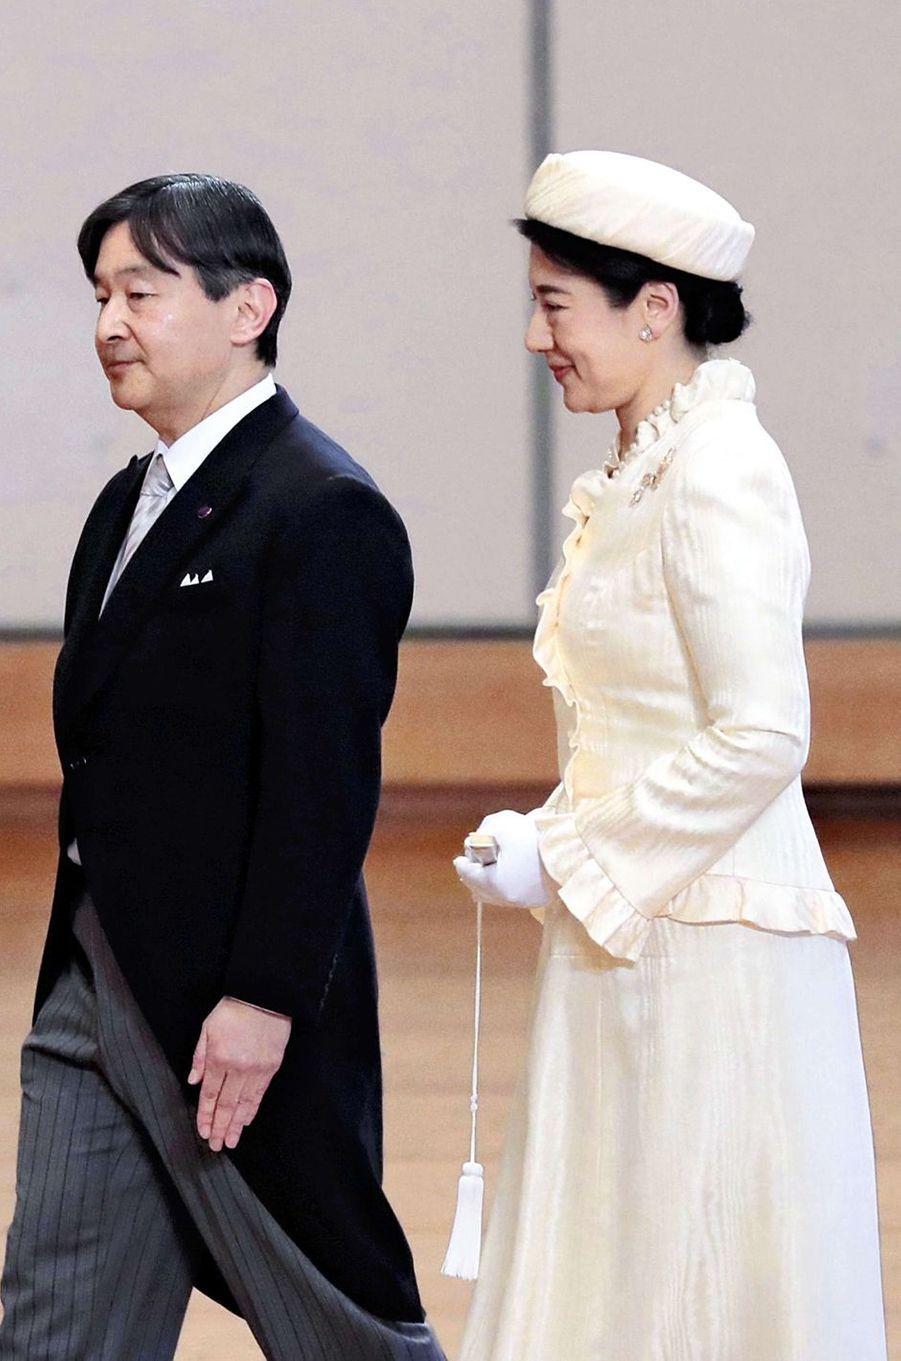 La princesse Masako et le prince Naruhito du Japon à Tokyo, le 10 avril 2019